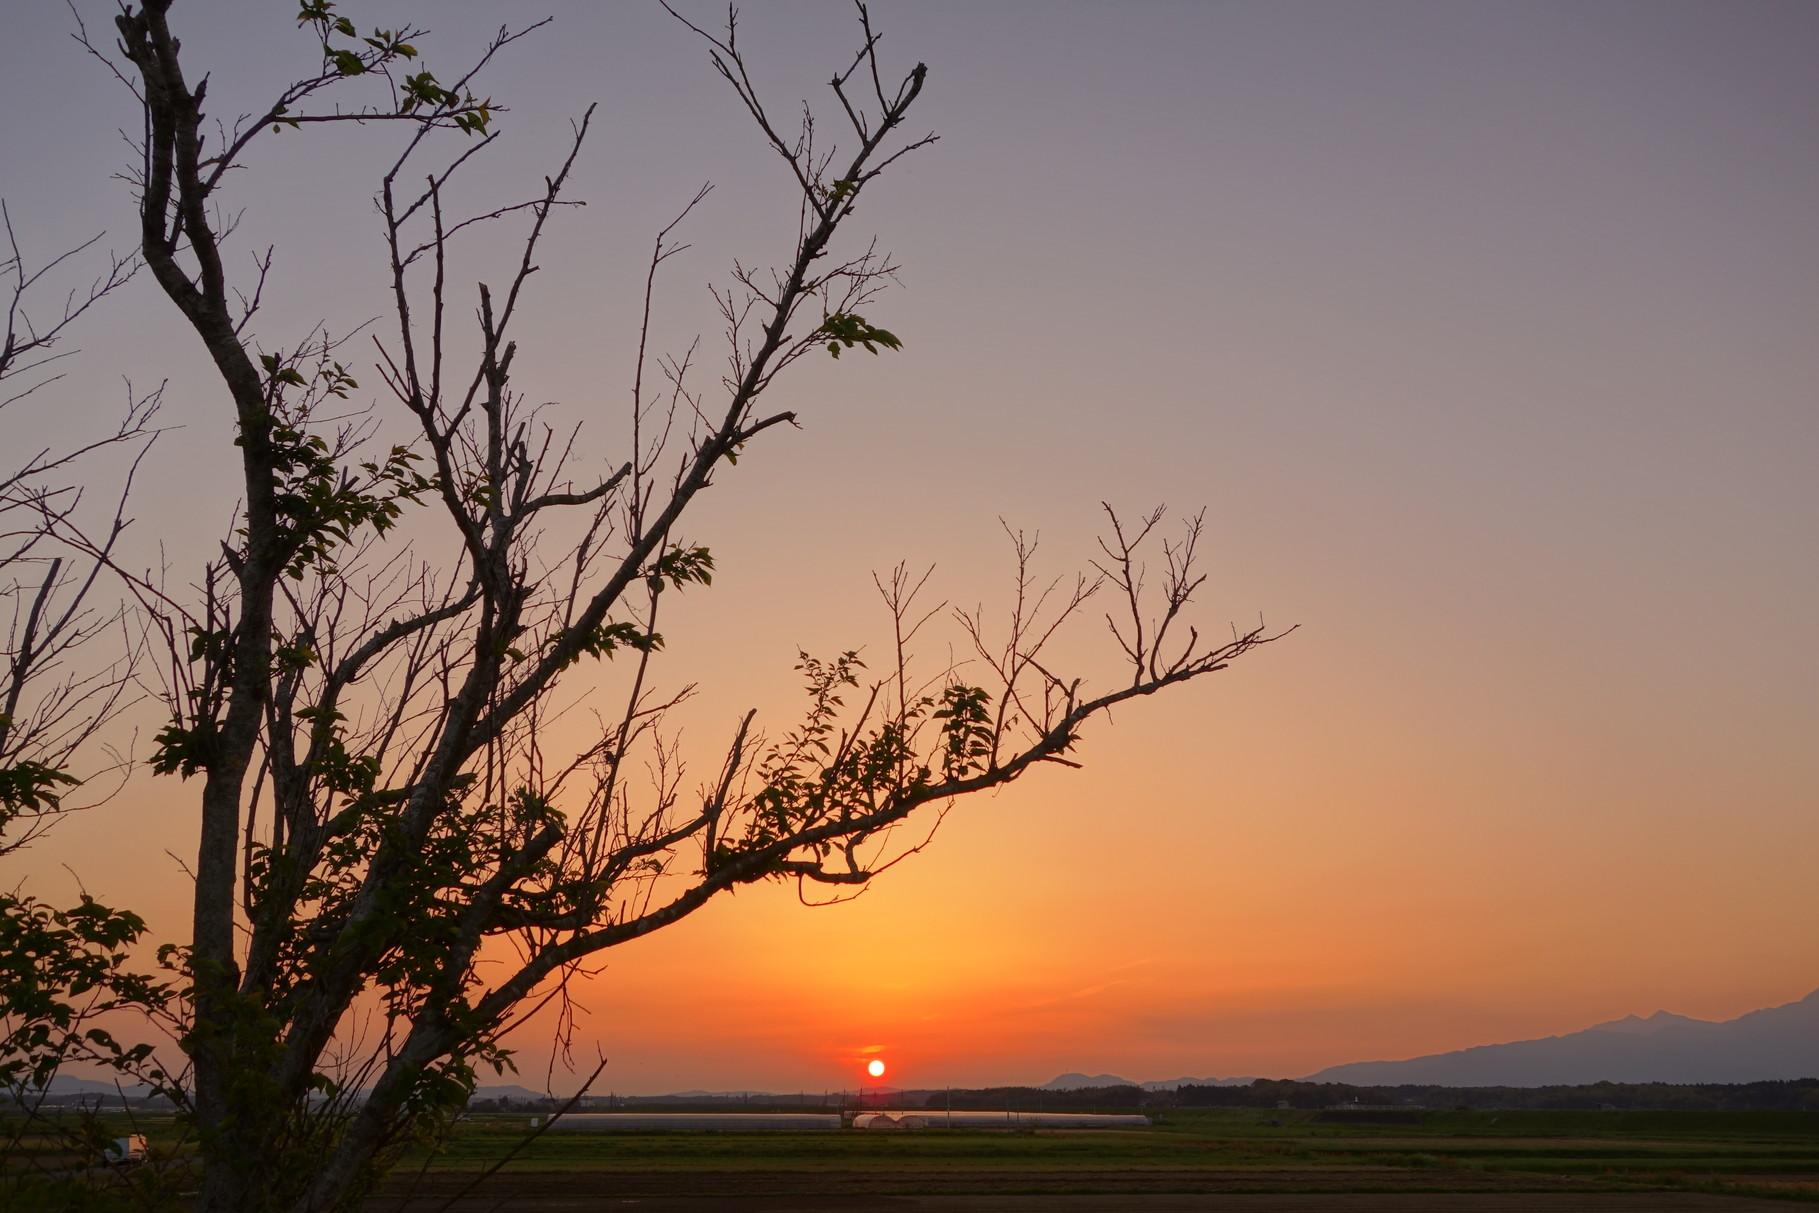 夕焼けに旧線路沿いの桜の木を添えてみました